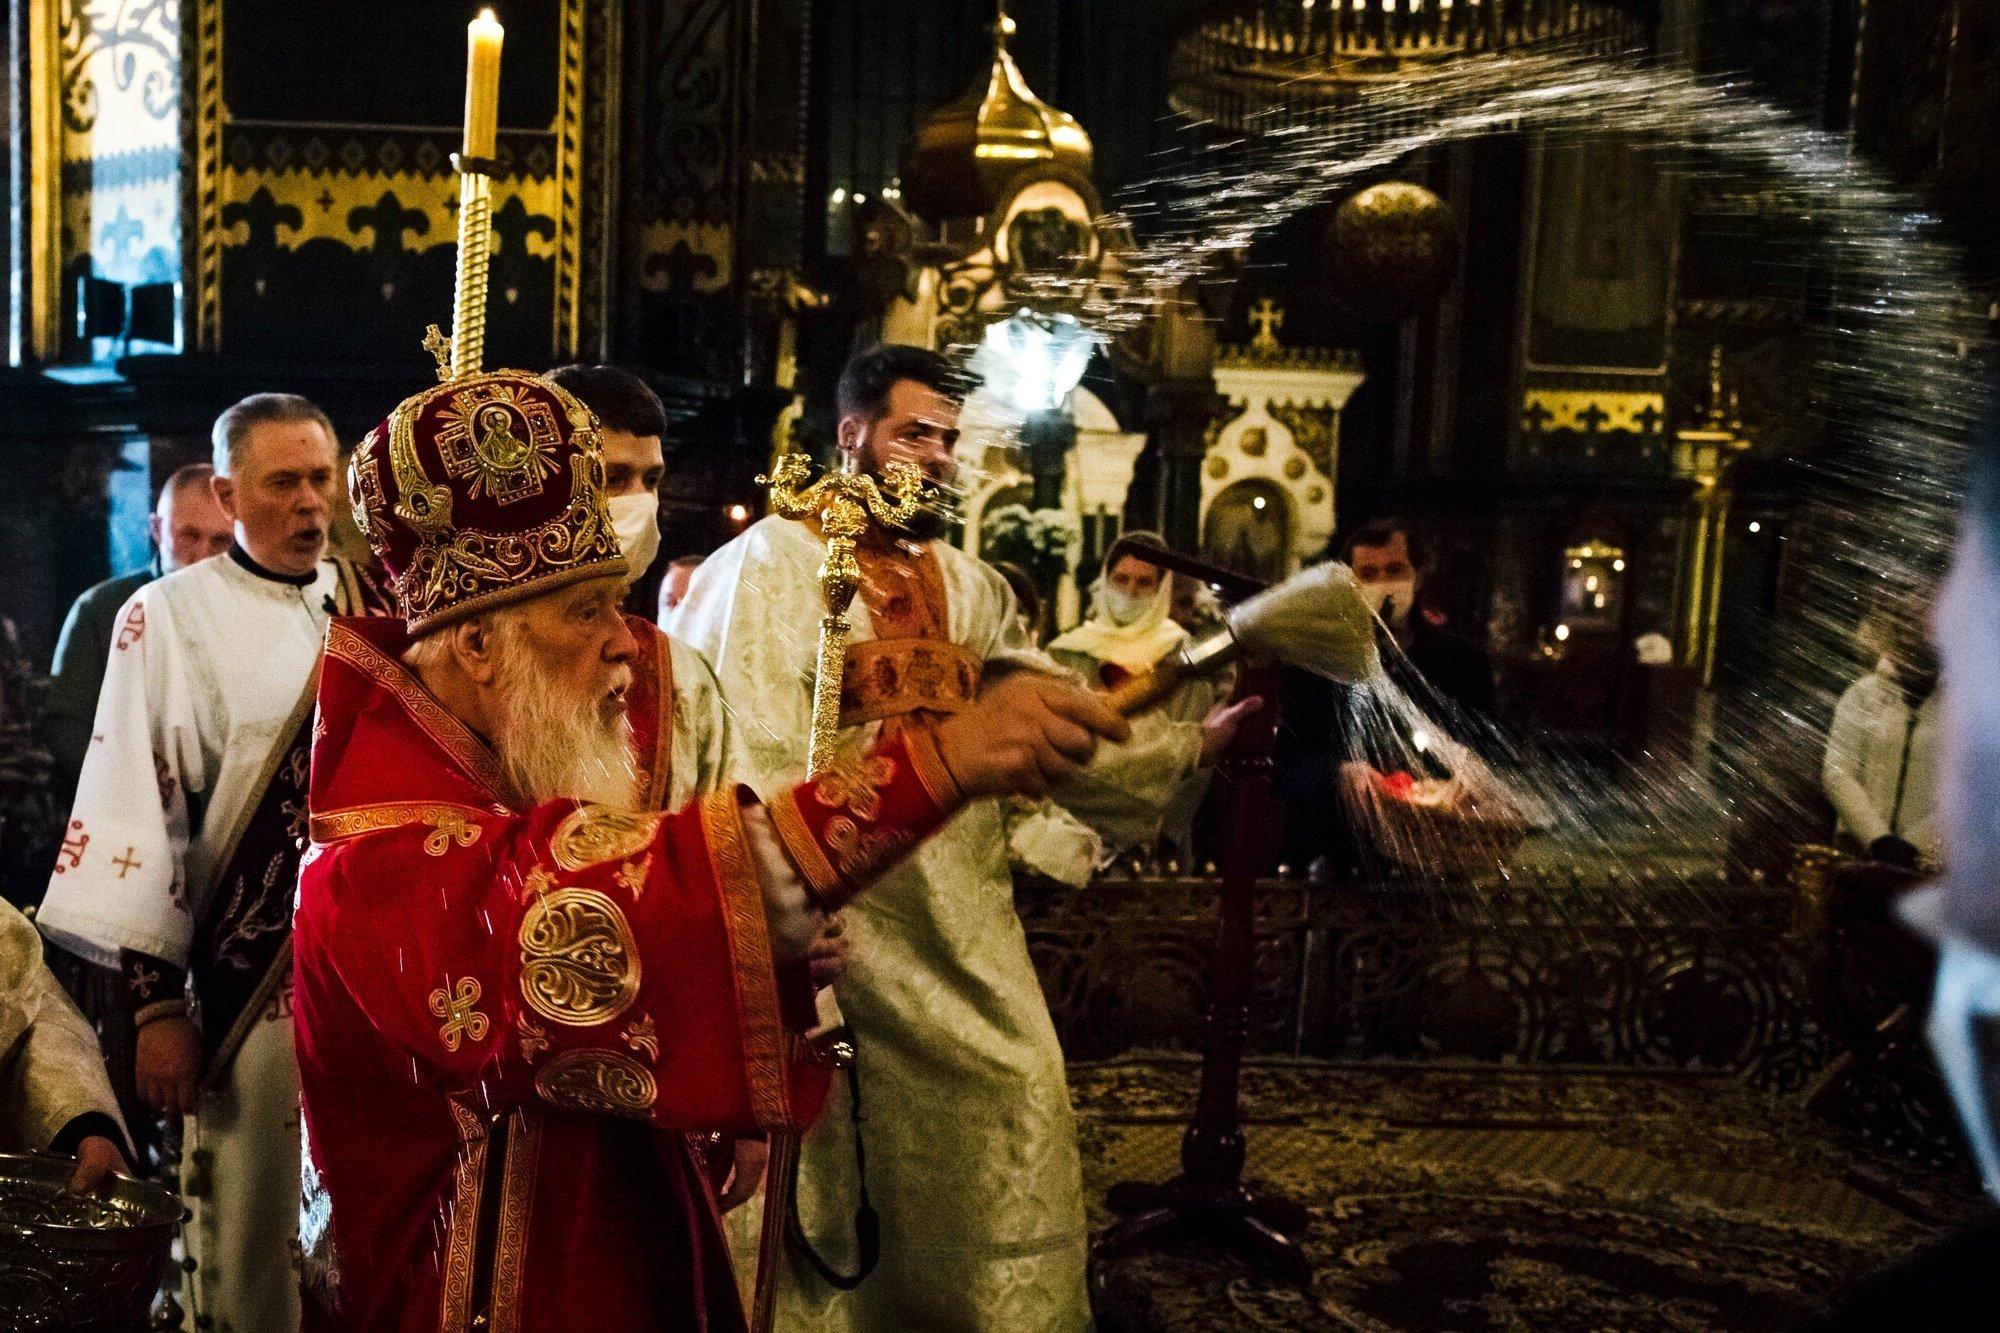 Причащал из одной ложки: Филарет опозорился на Пасхальном богослужении